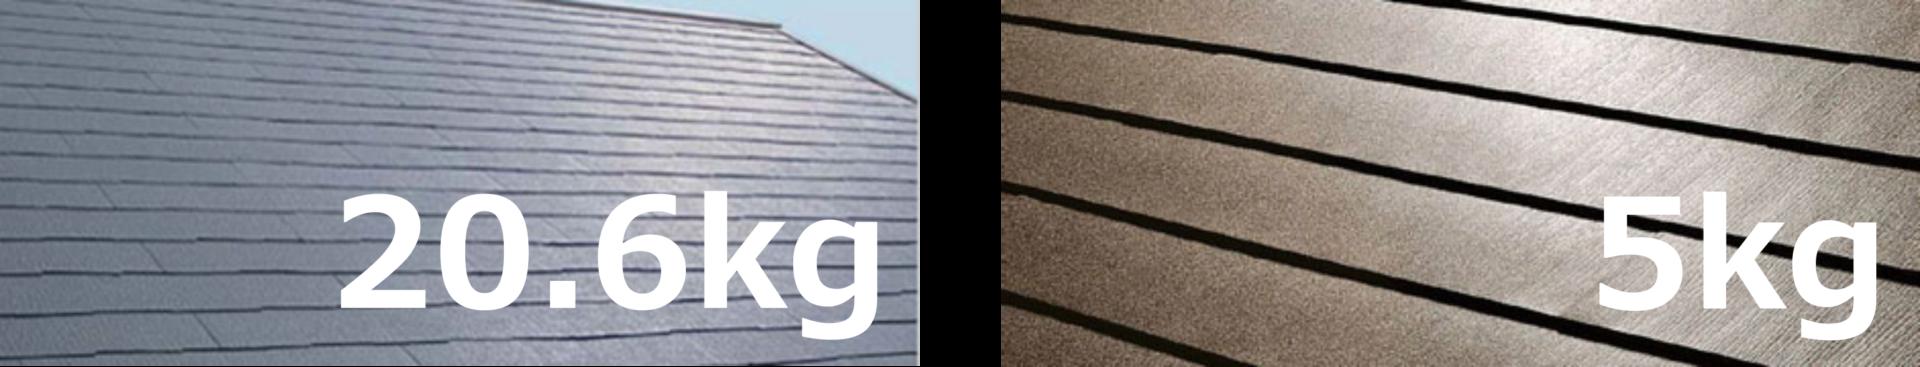 コロニアルとガルバリウム鋼板の重さ